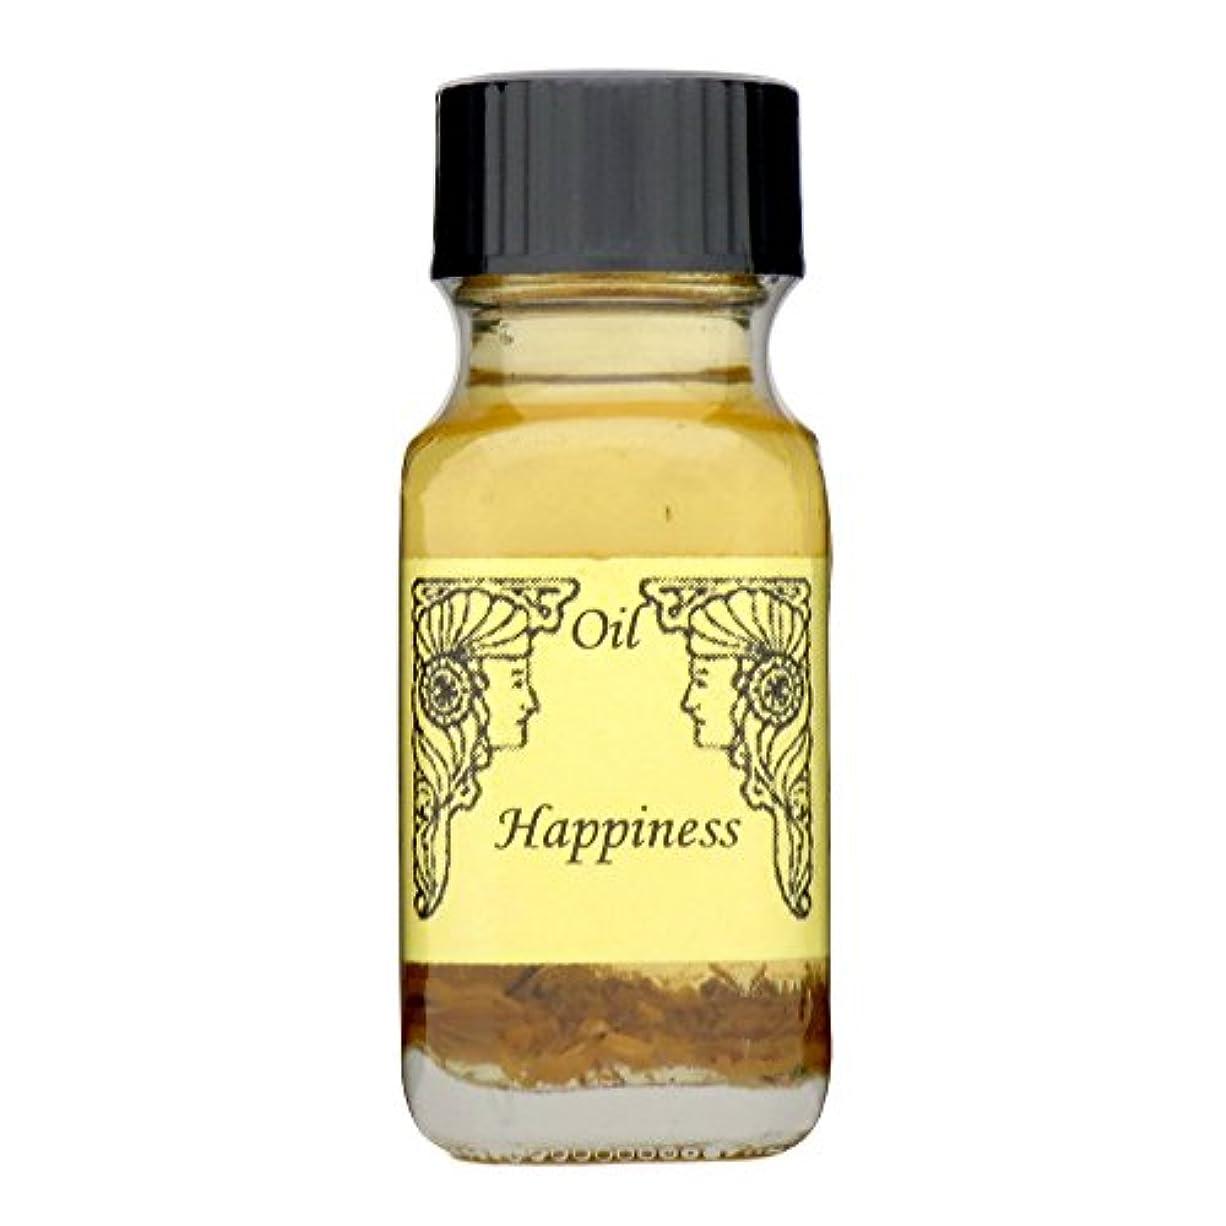 タイル法令空洞アンシェントメモリーオイル ハピネス (幸福) 15ml (Ancient Memory Oils)